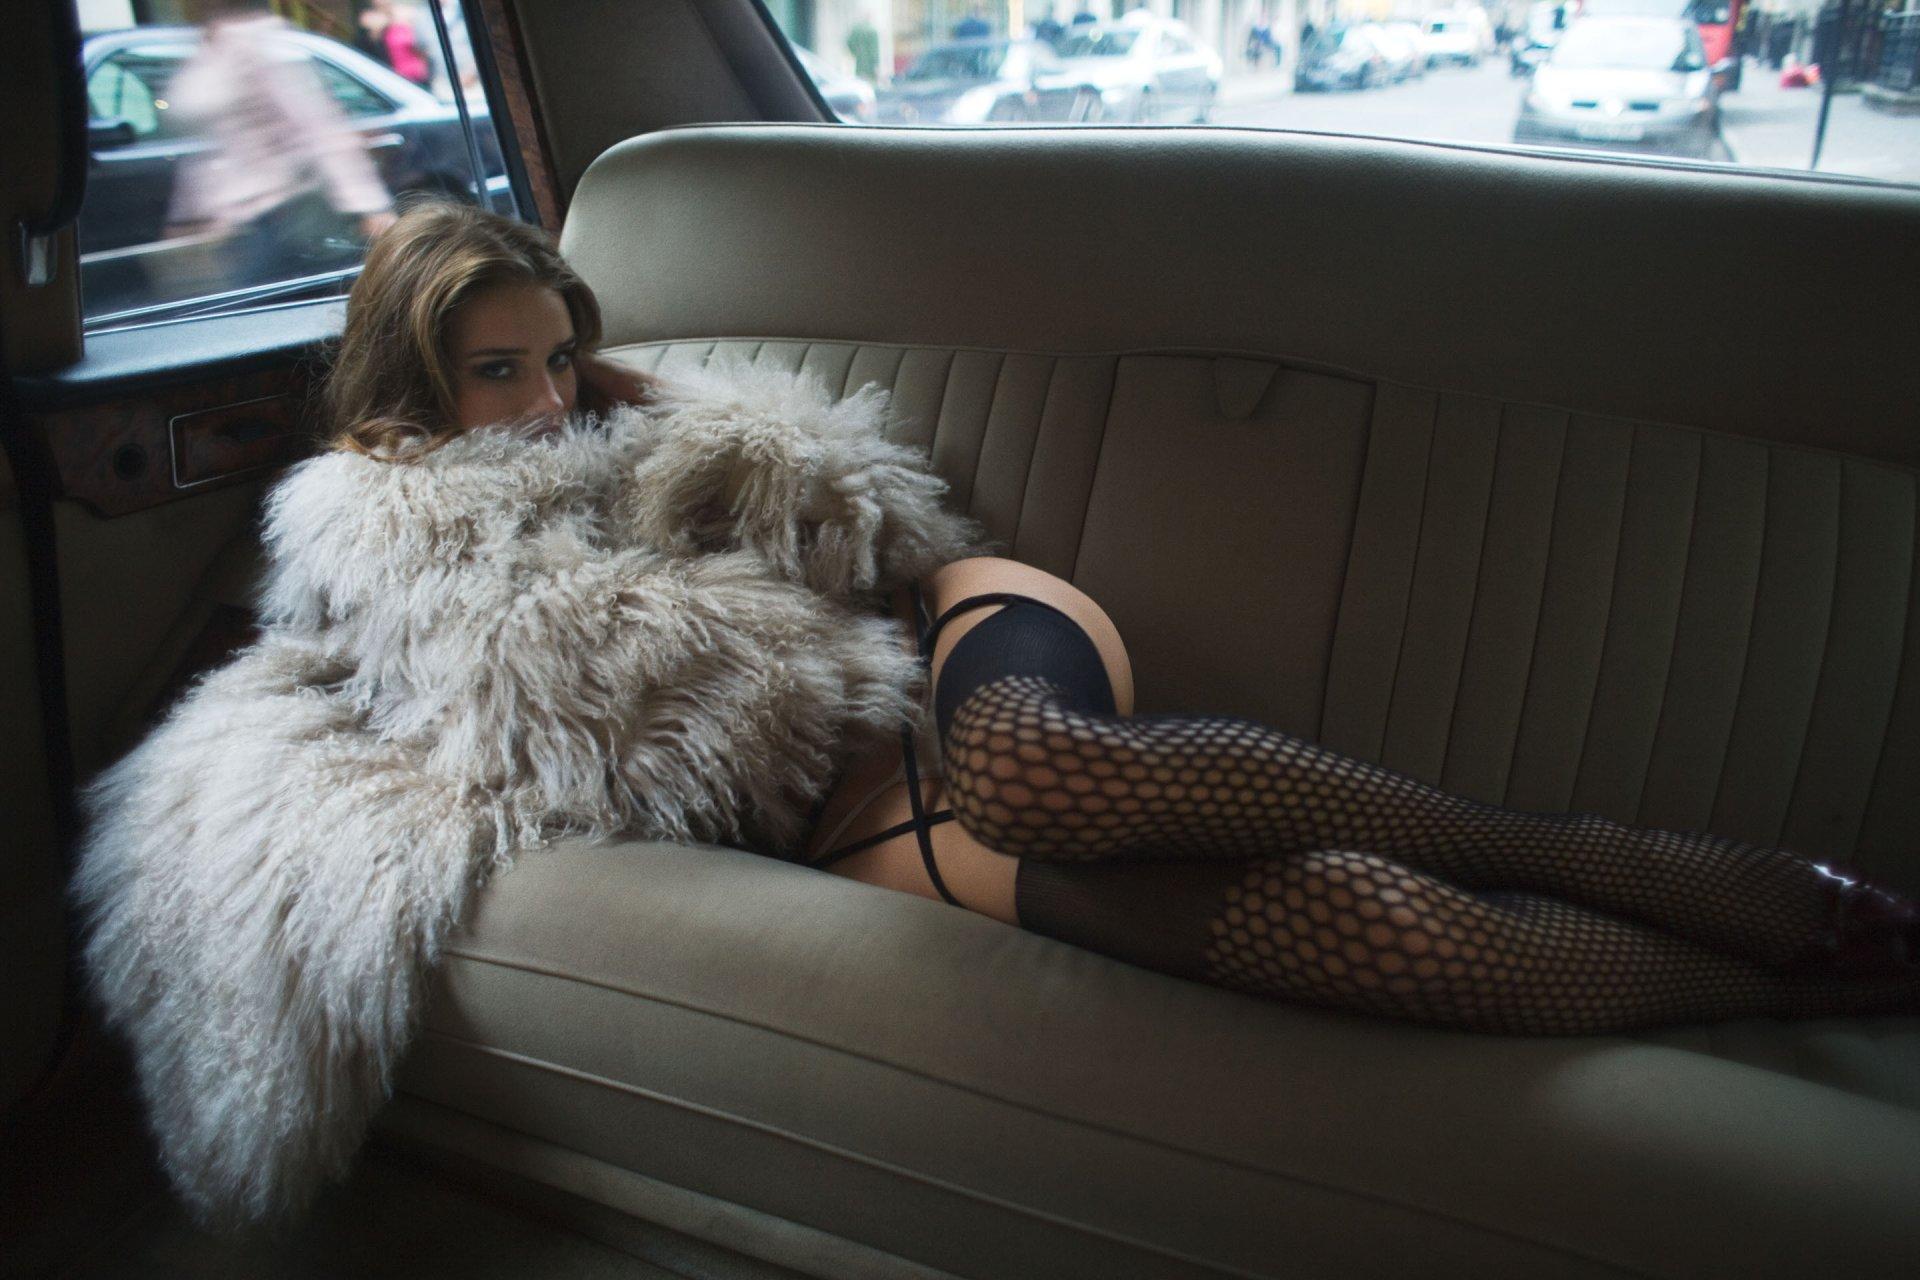 Фото связанных девушек в машине